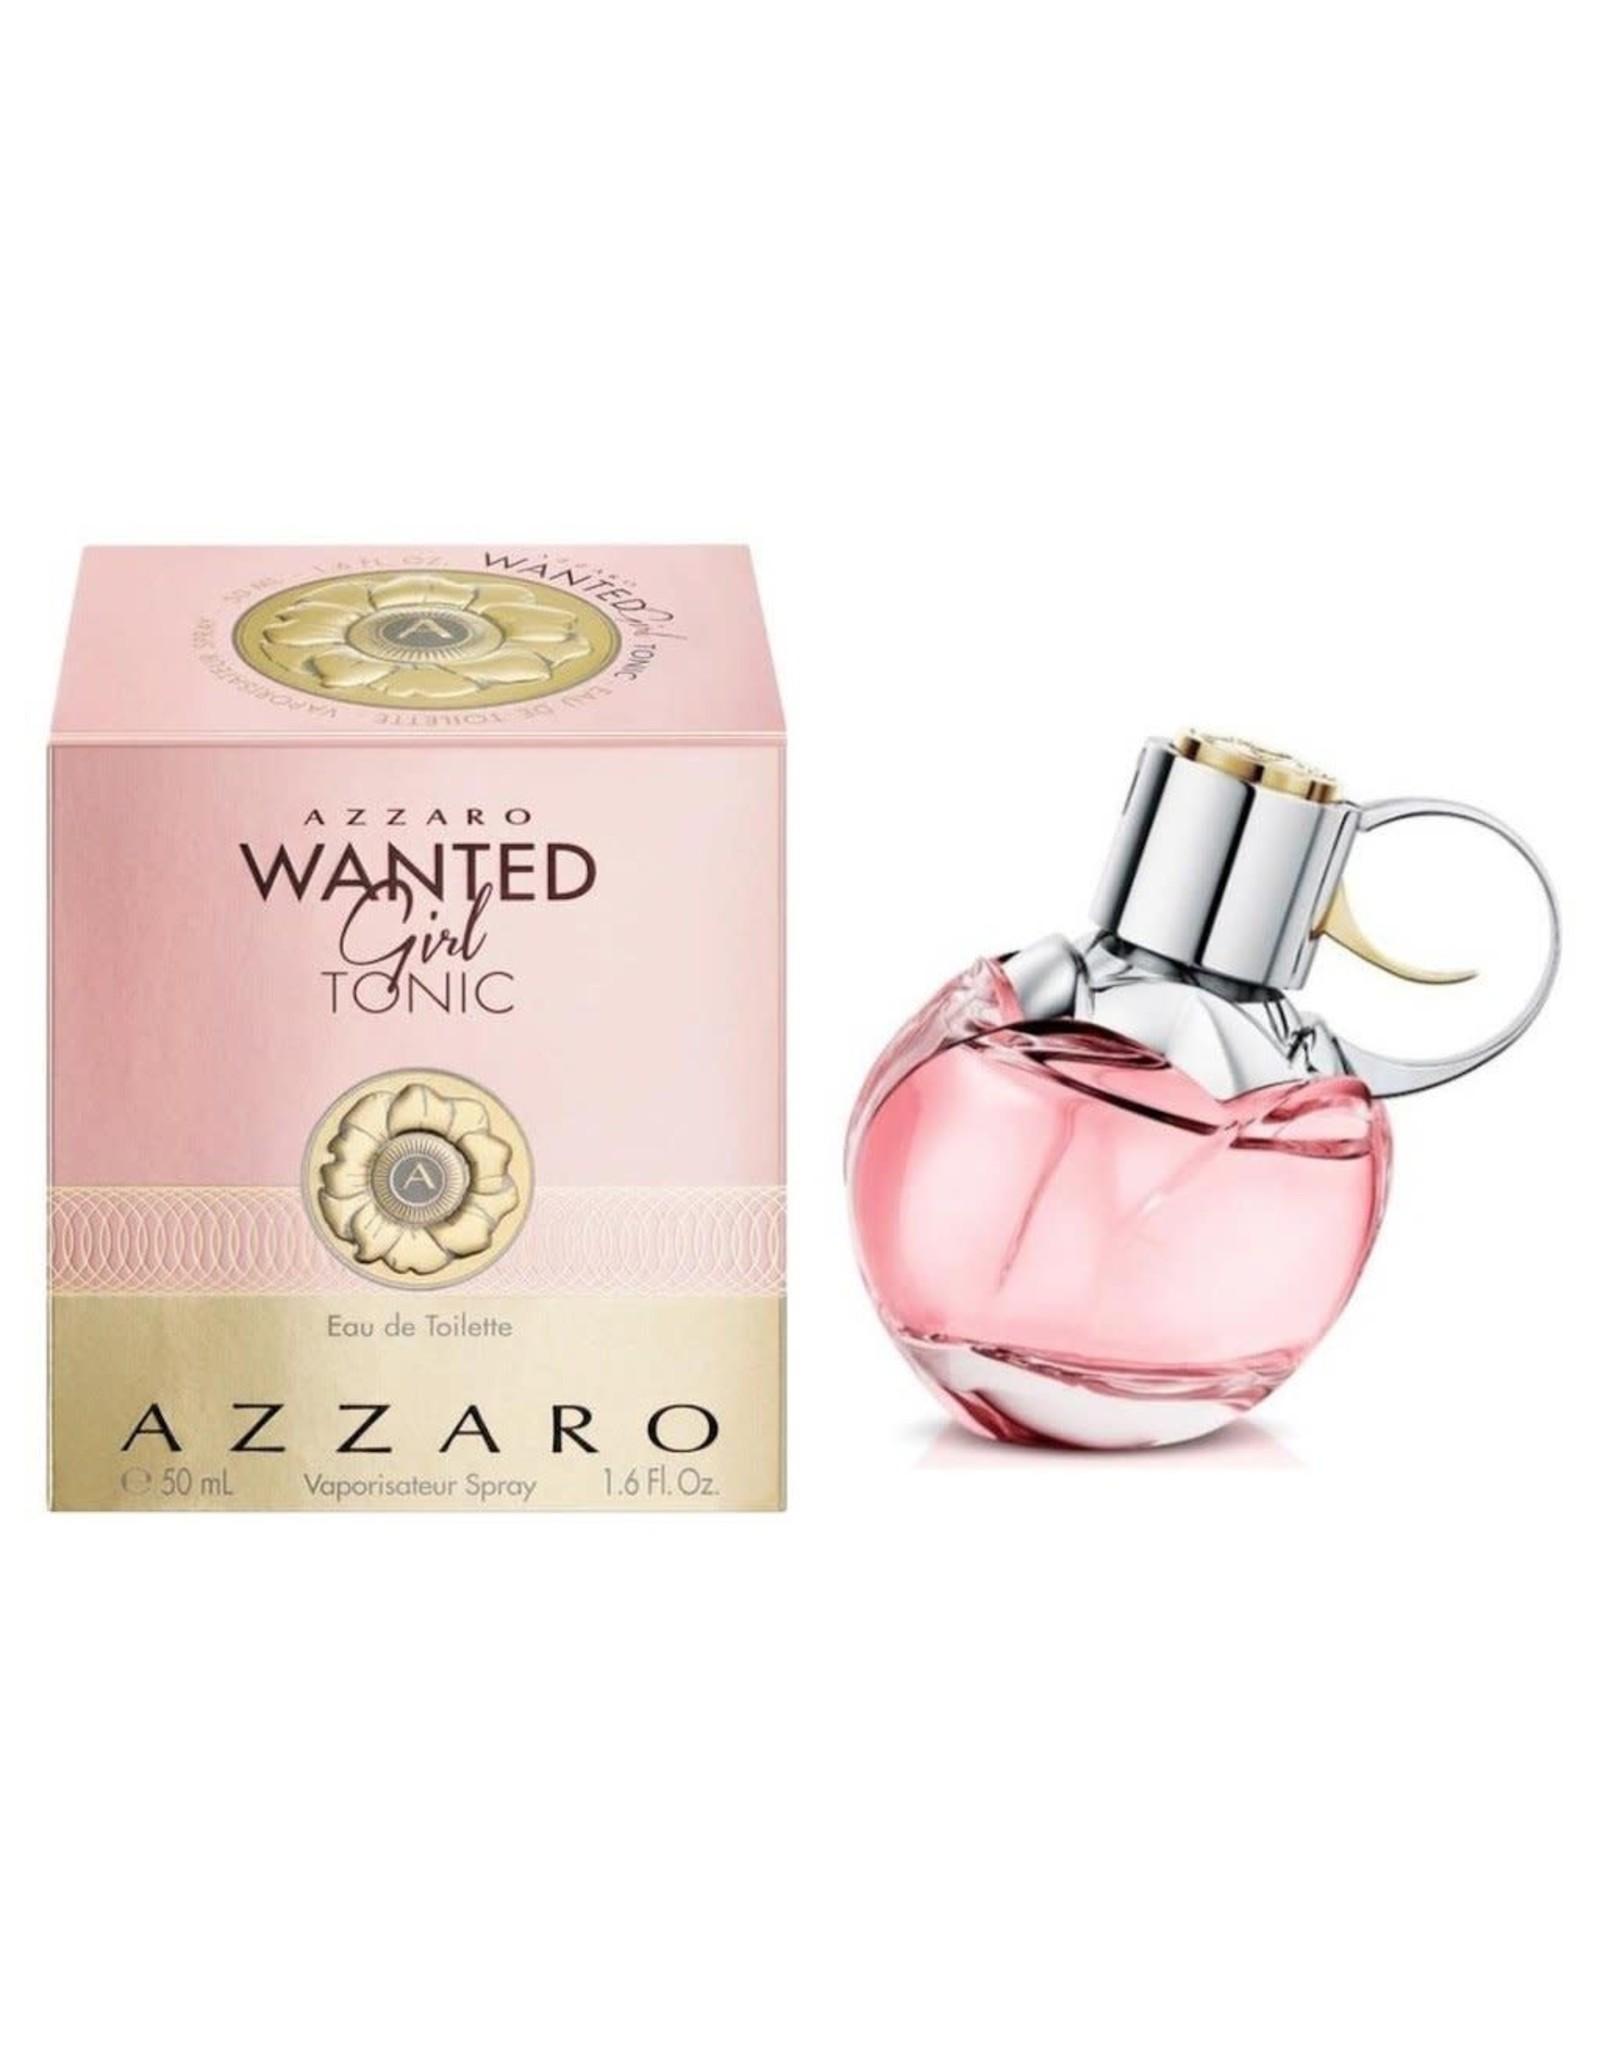 AZZARO AZZARO WANTED GIRL TONIC